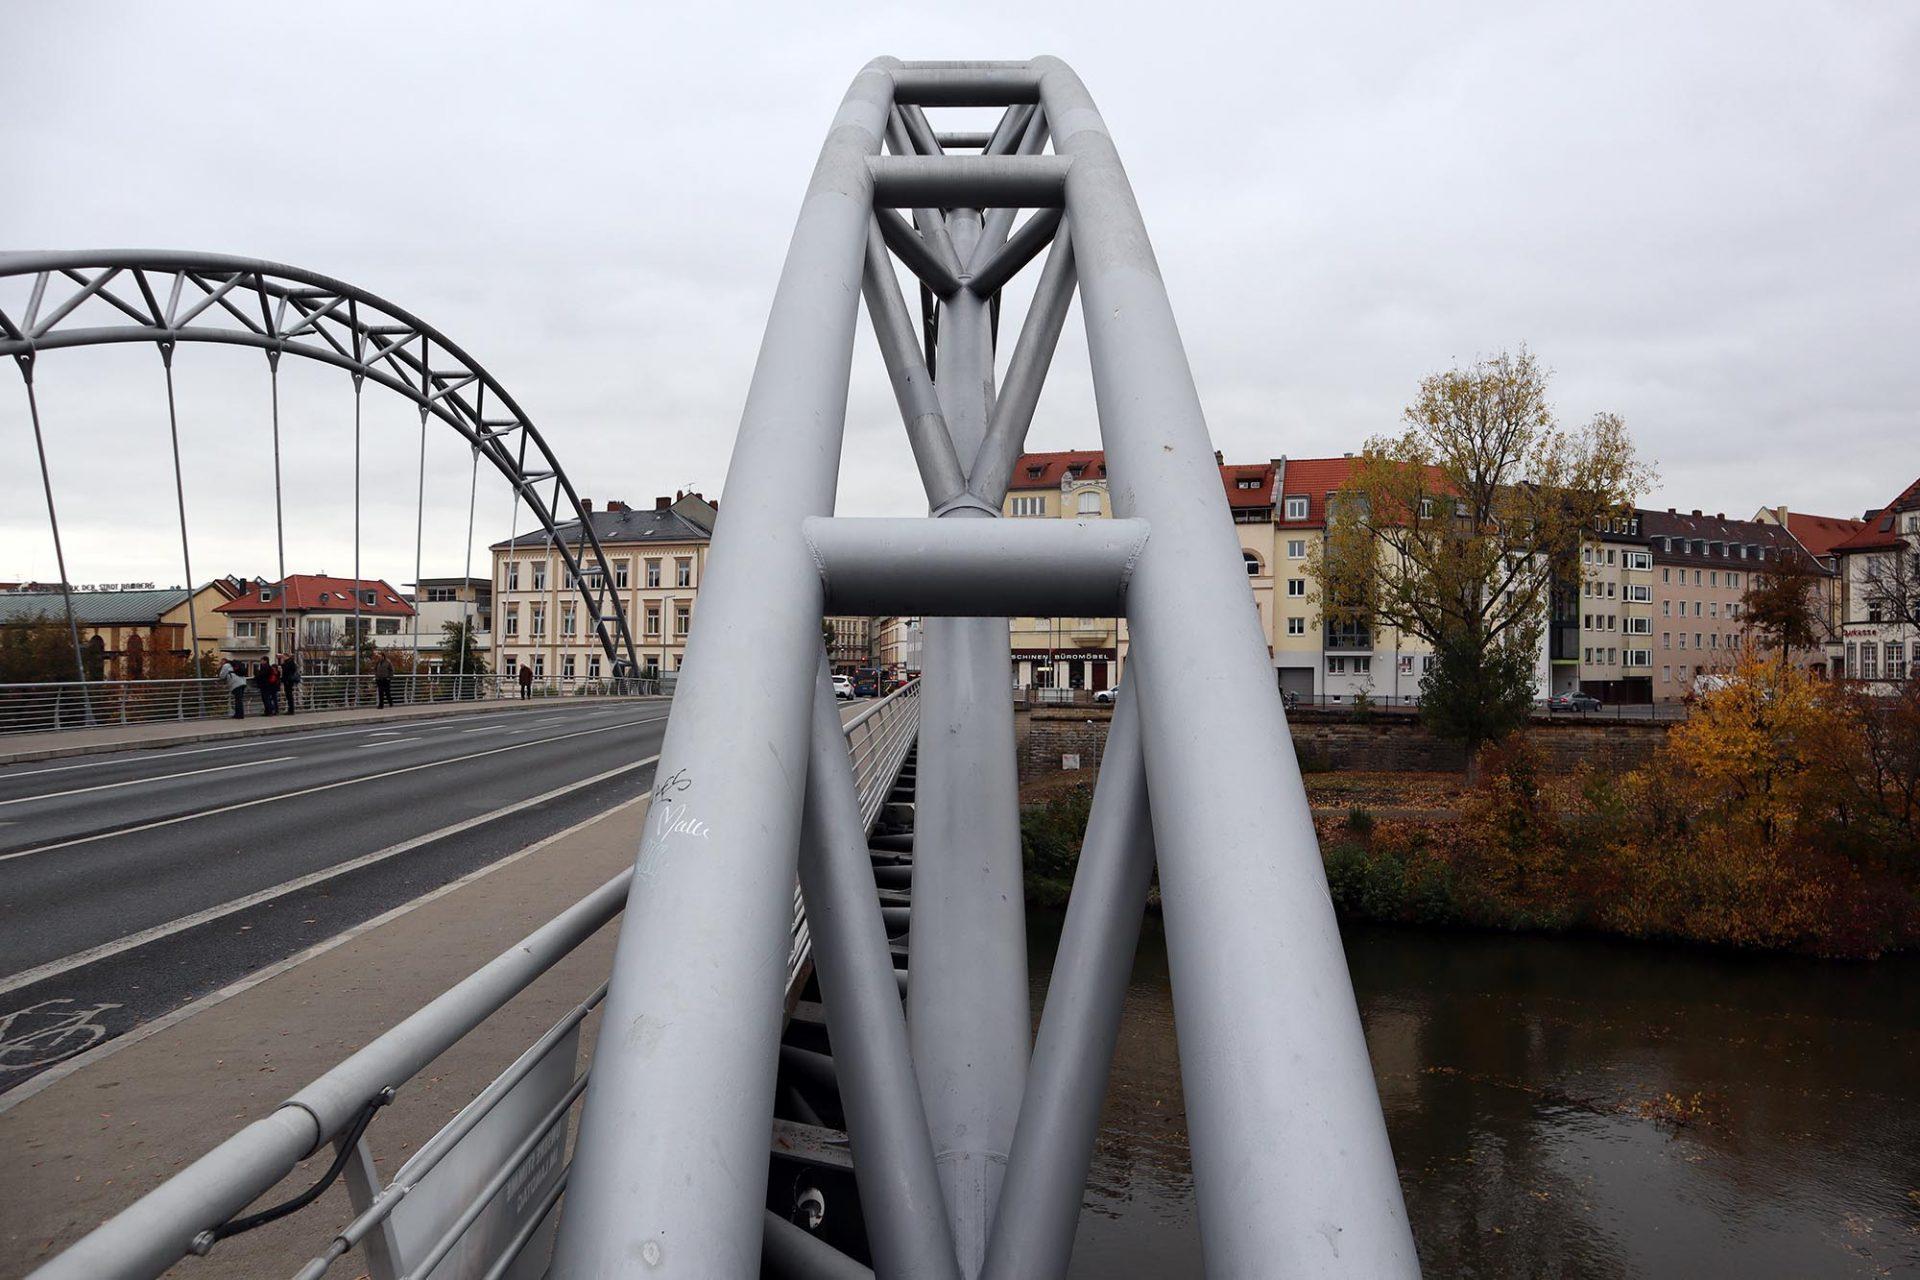 Luitpoldbrücke. Werkauswahl: Holzbrücke bei Essing (zweitlängste Holzbrücke Europas), mehrere Fußgängerbrücken (Weiden in der Oberpfalz, Schleuserkanal in Rathenow, Wublitz in Werder an der Havel sowie Brücke in Potsdam, München und mit dem Drachenschwanz die längste europäische Holzbrücke (Ronneburg, Thüringen).